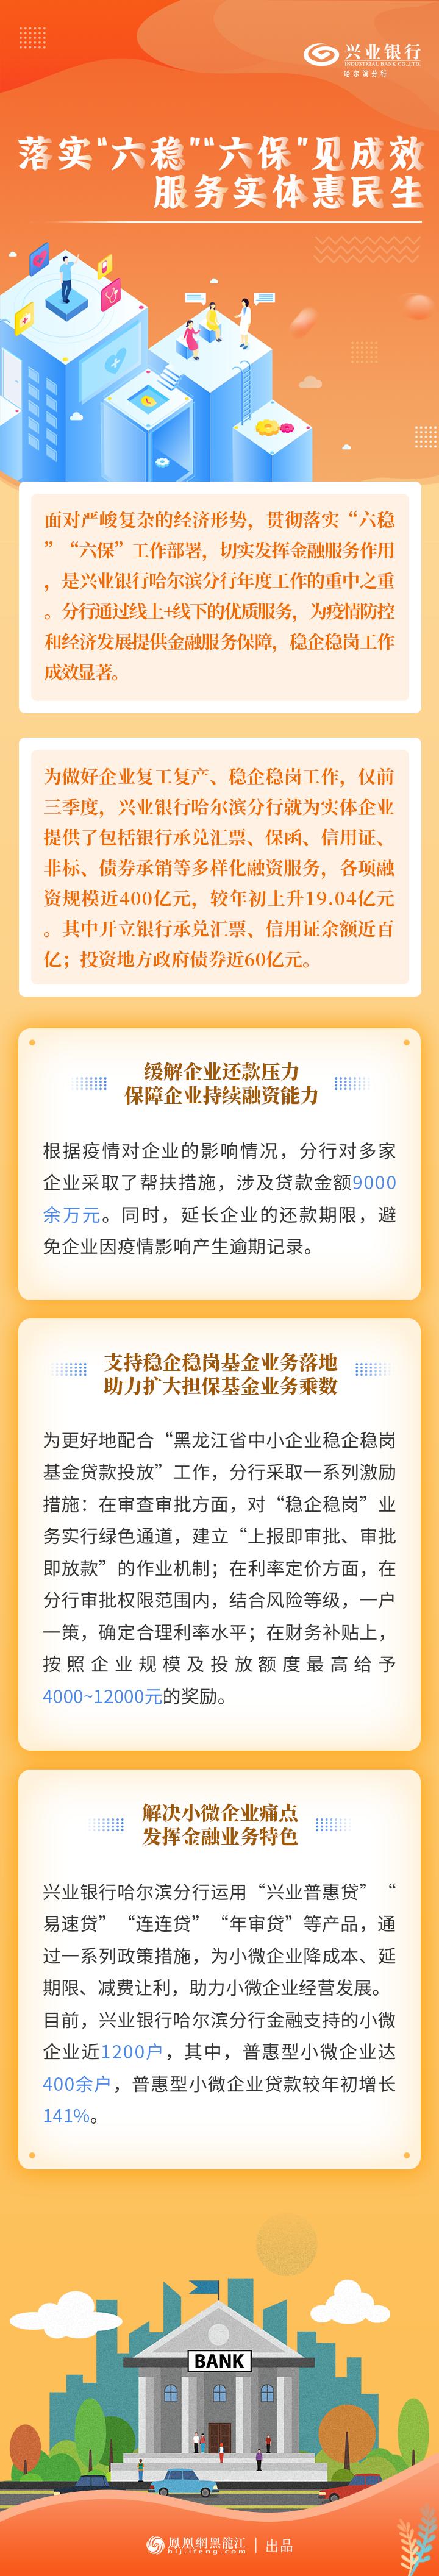 """落实""""六稳""""""""六保""""见成效 兴业银行哈尔滨分行服务实体惠民生"""